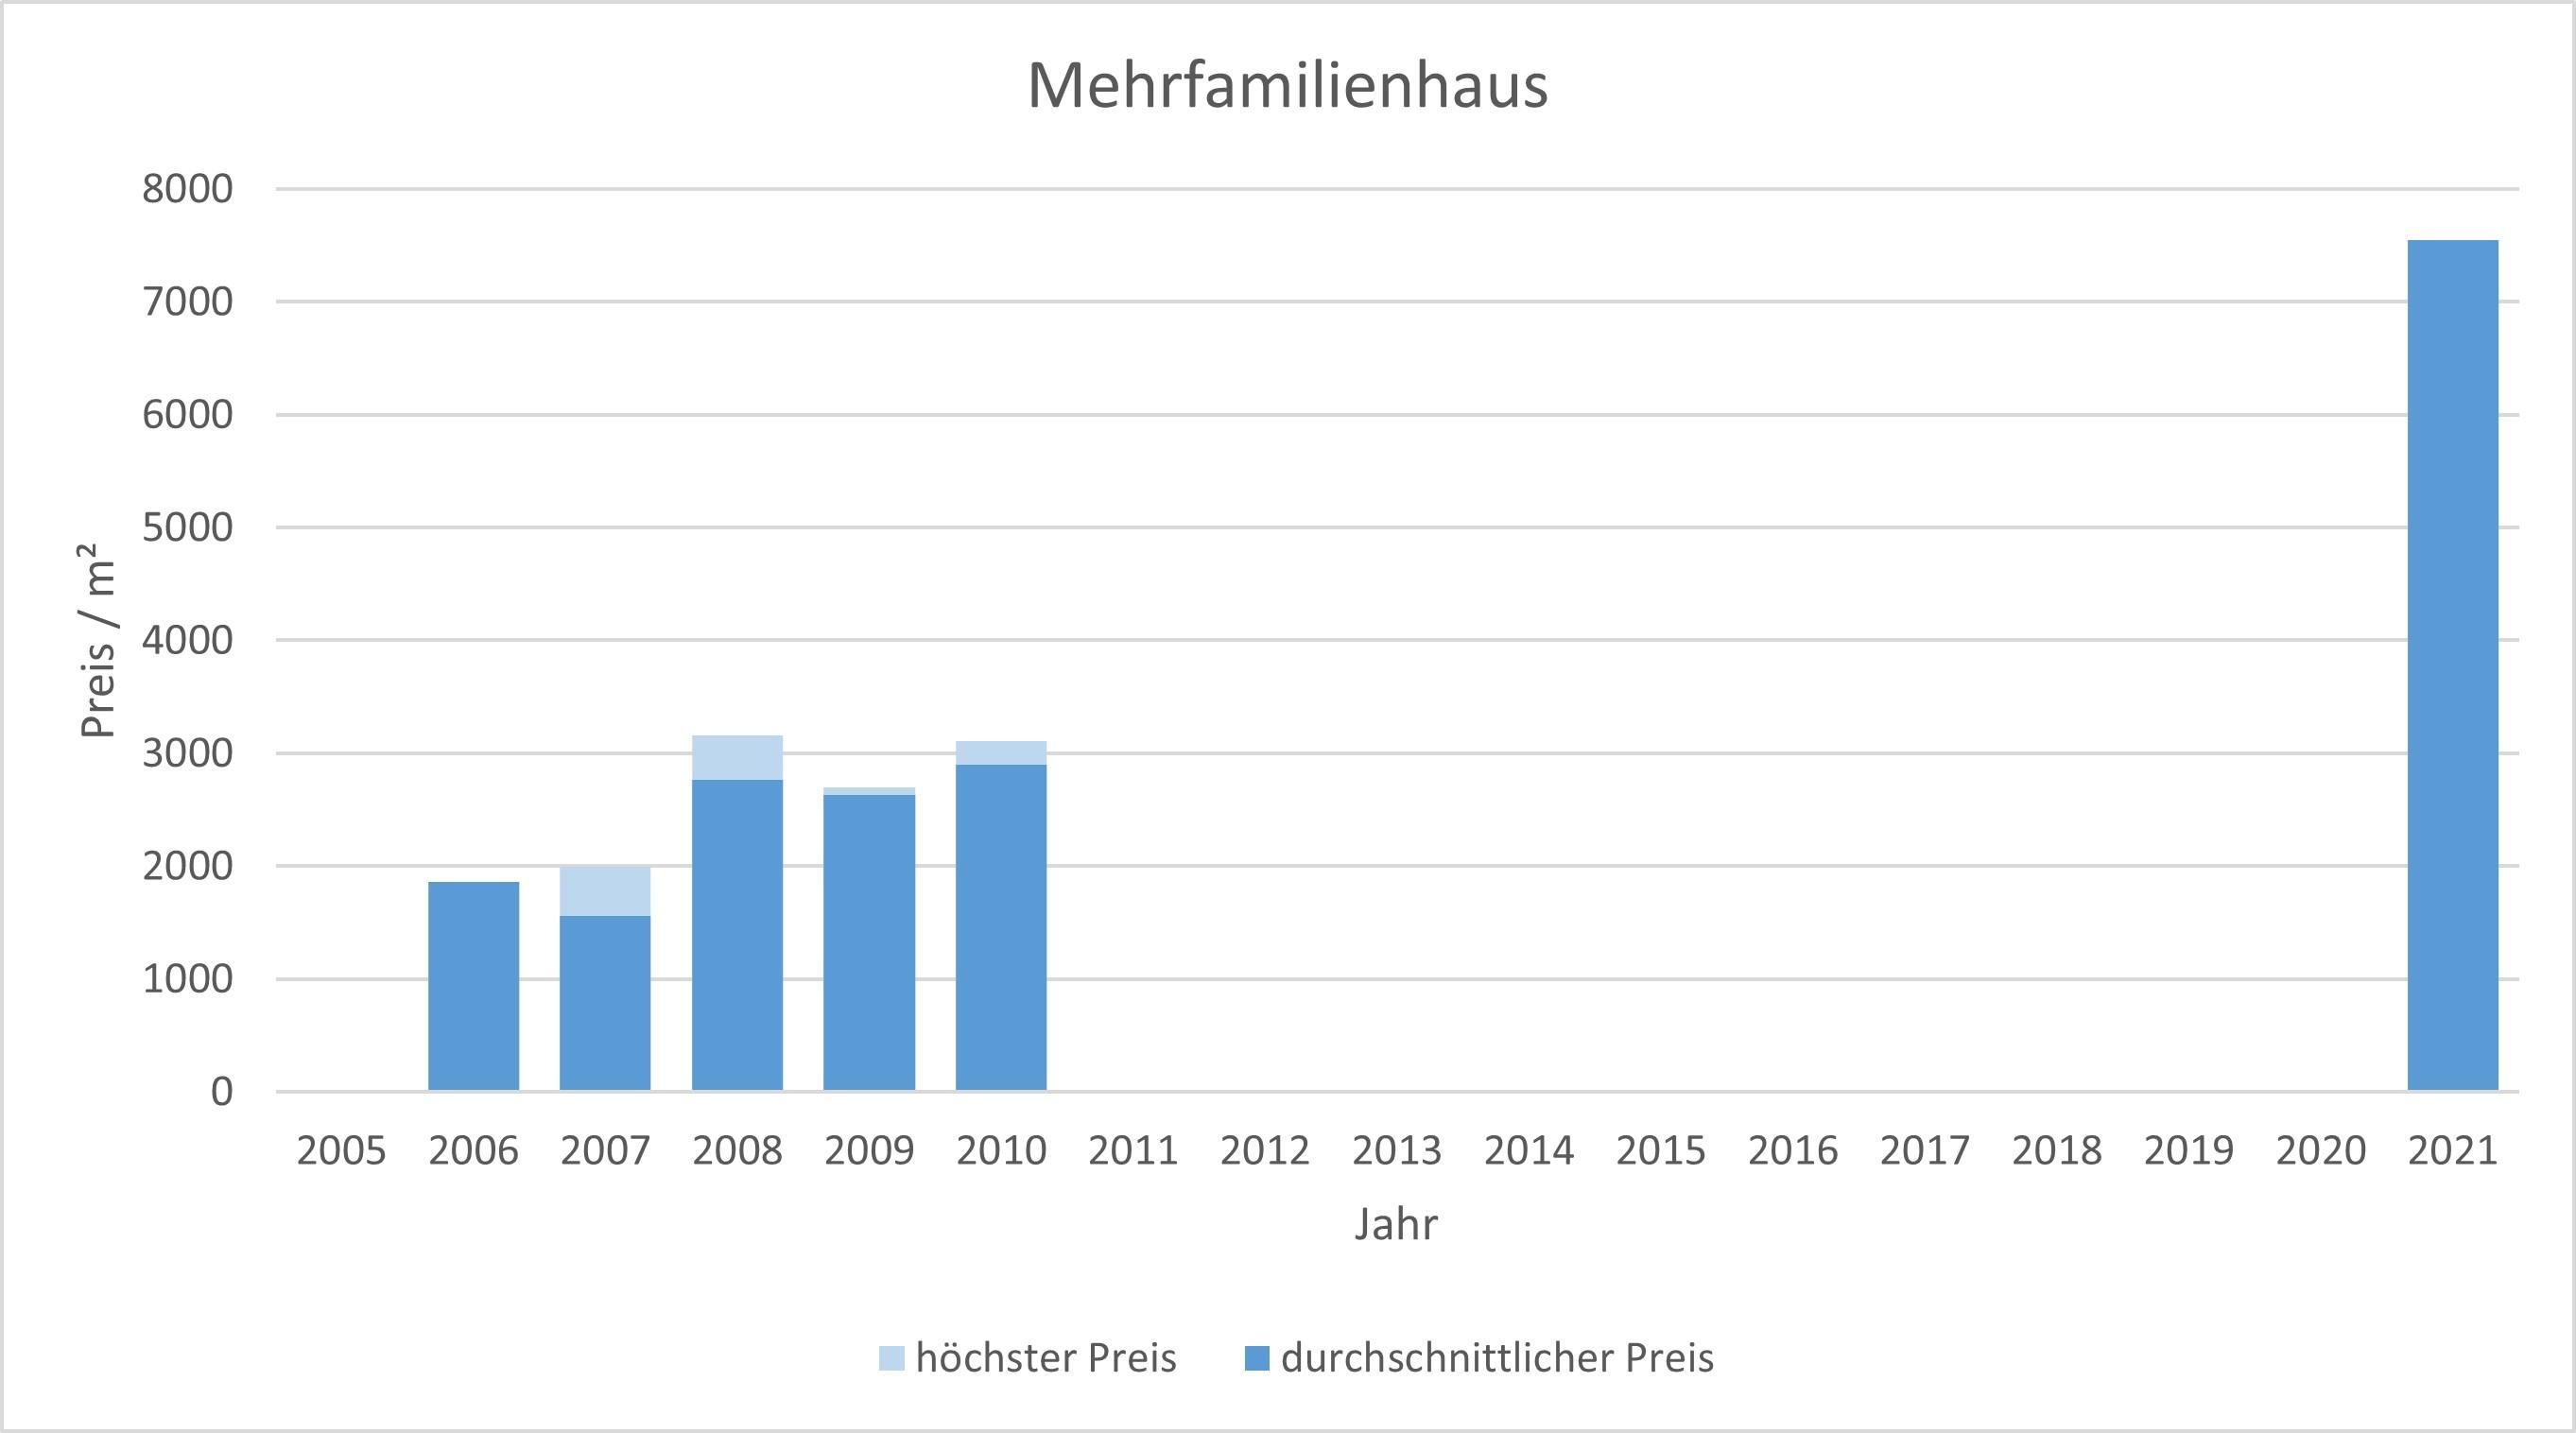 München - Lerchenau Mehrfamilienhaus kaufen verkaufen Preis Bewertung Makler 2019 2020 2021 www.happy-immo.de